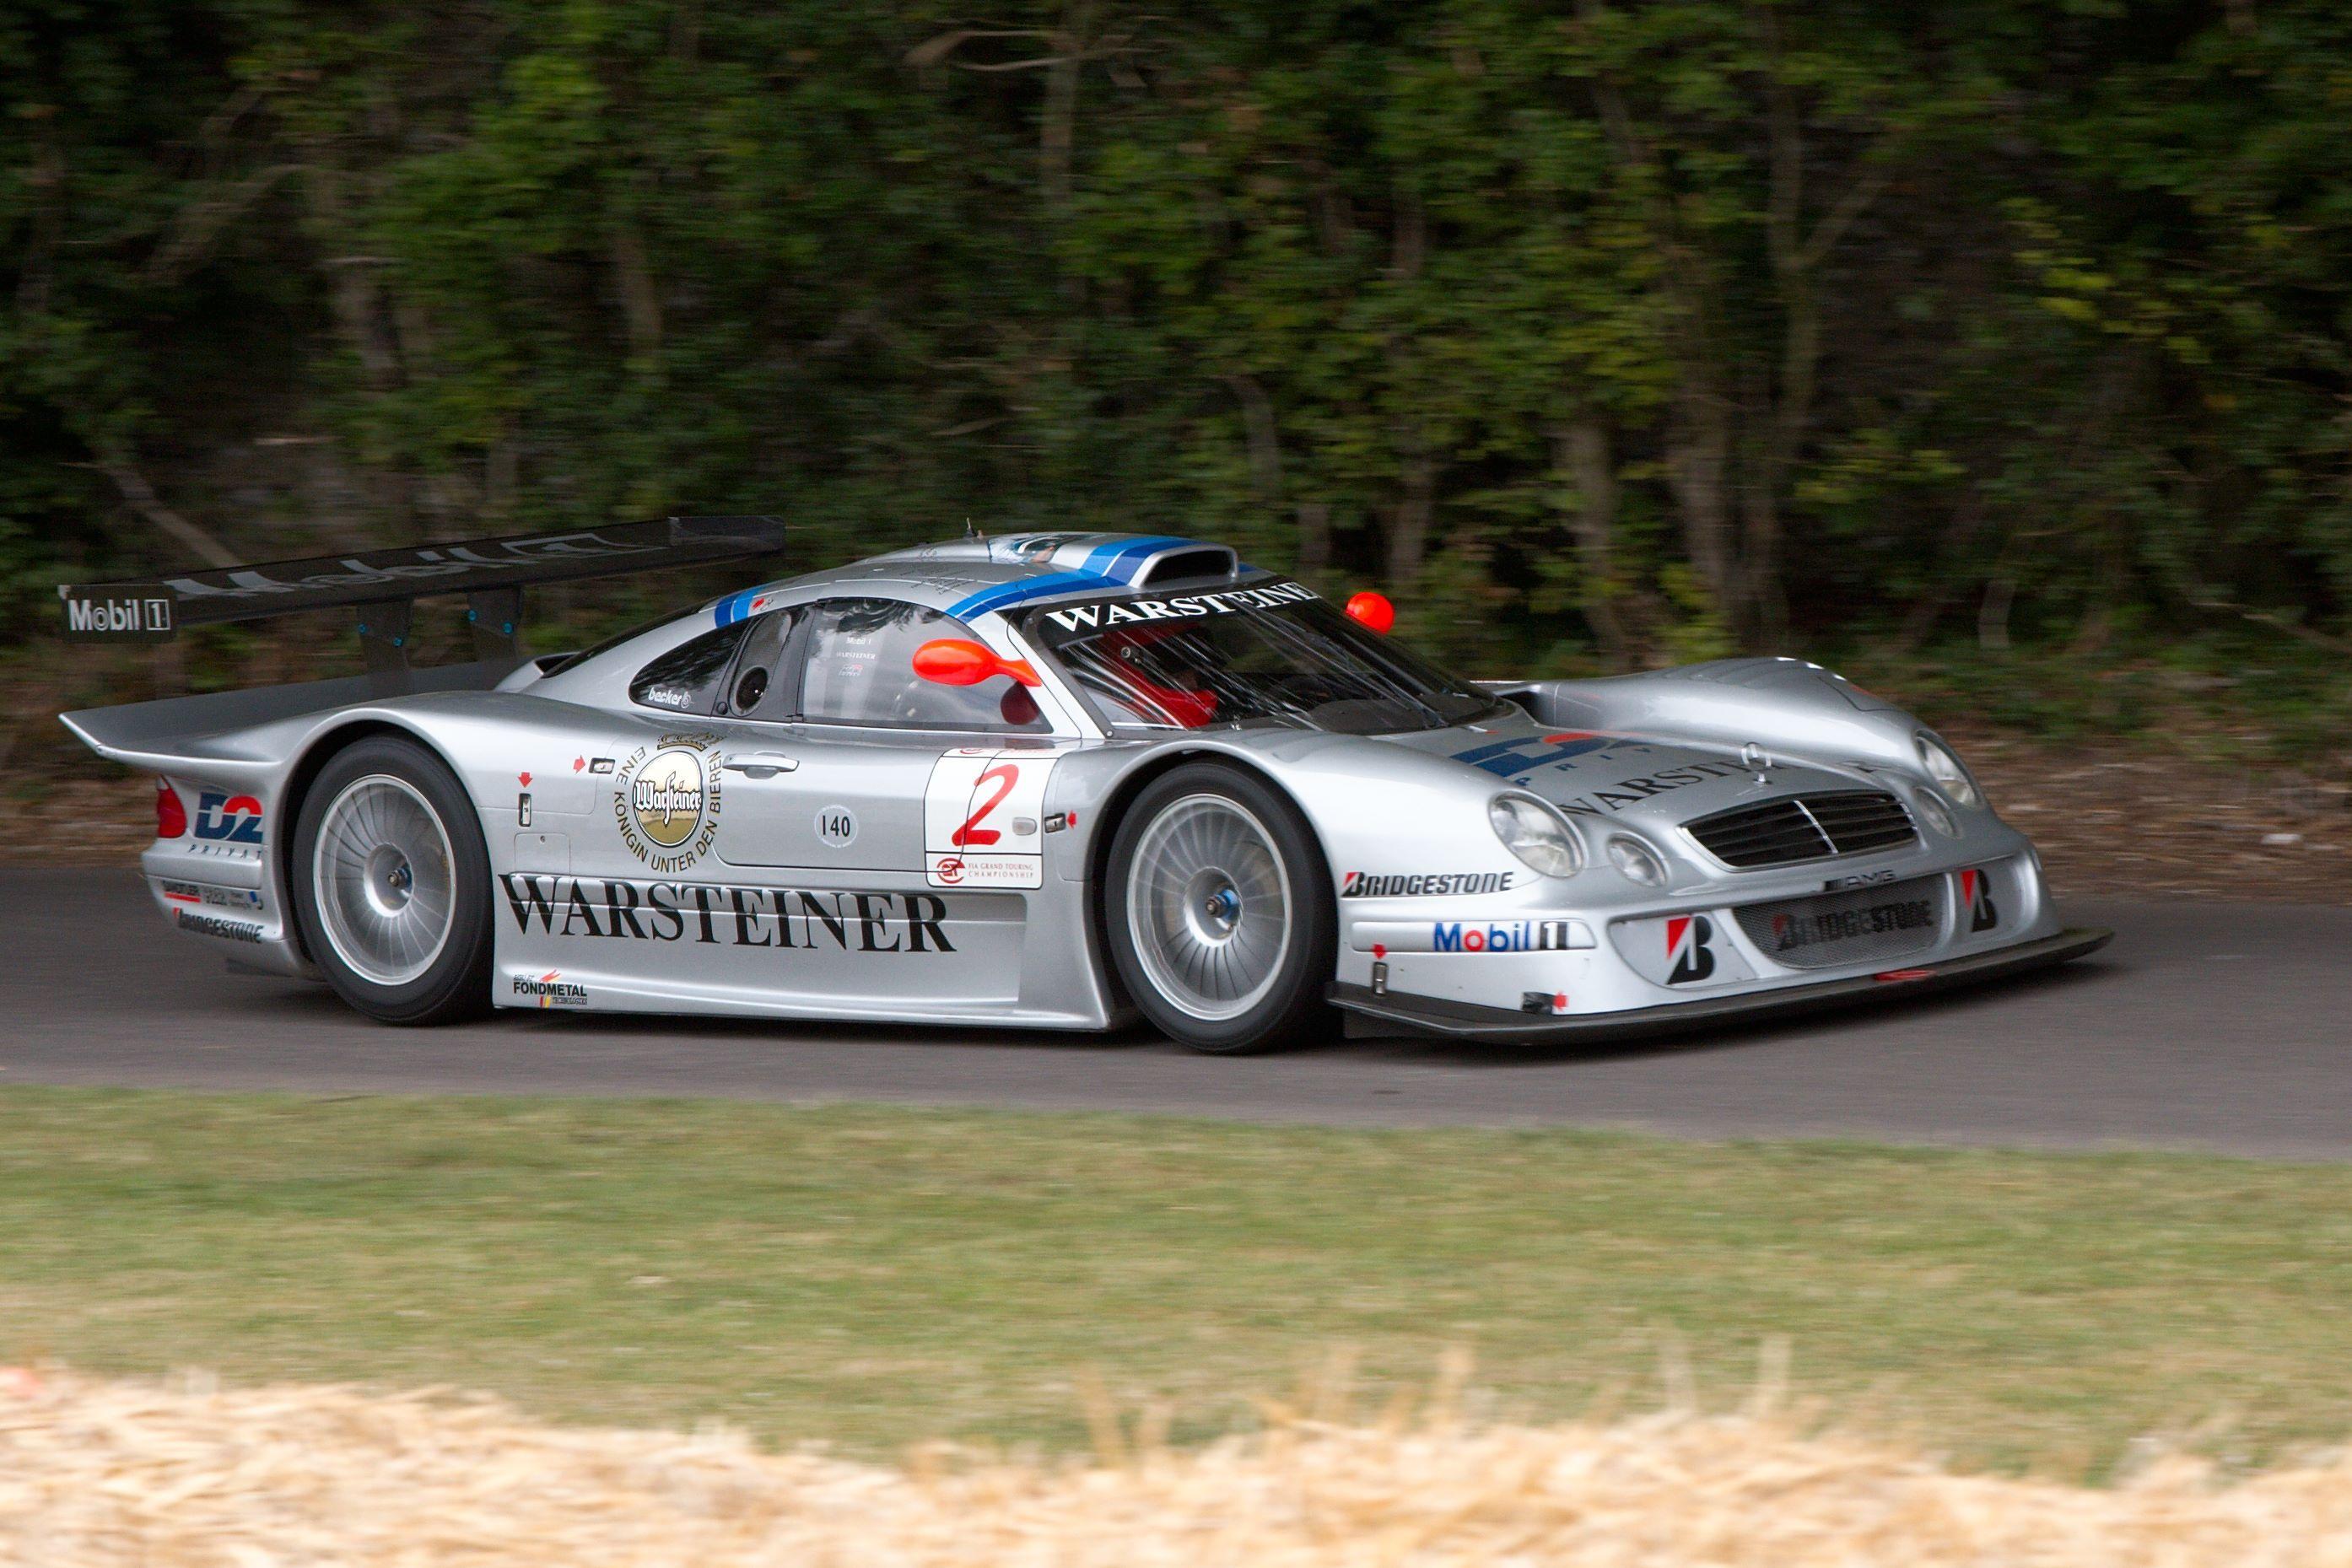 Mercedes-Benz CLK GTR LM